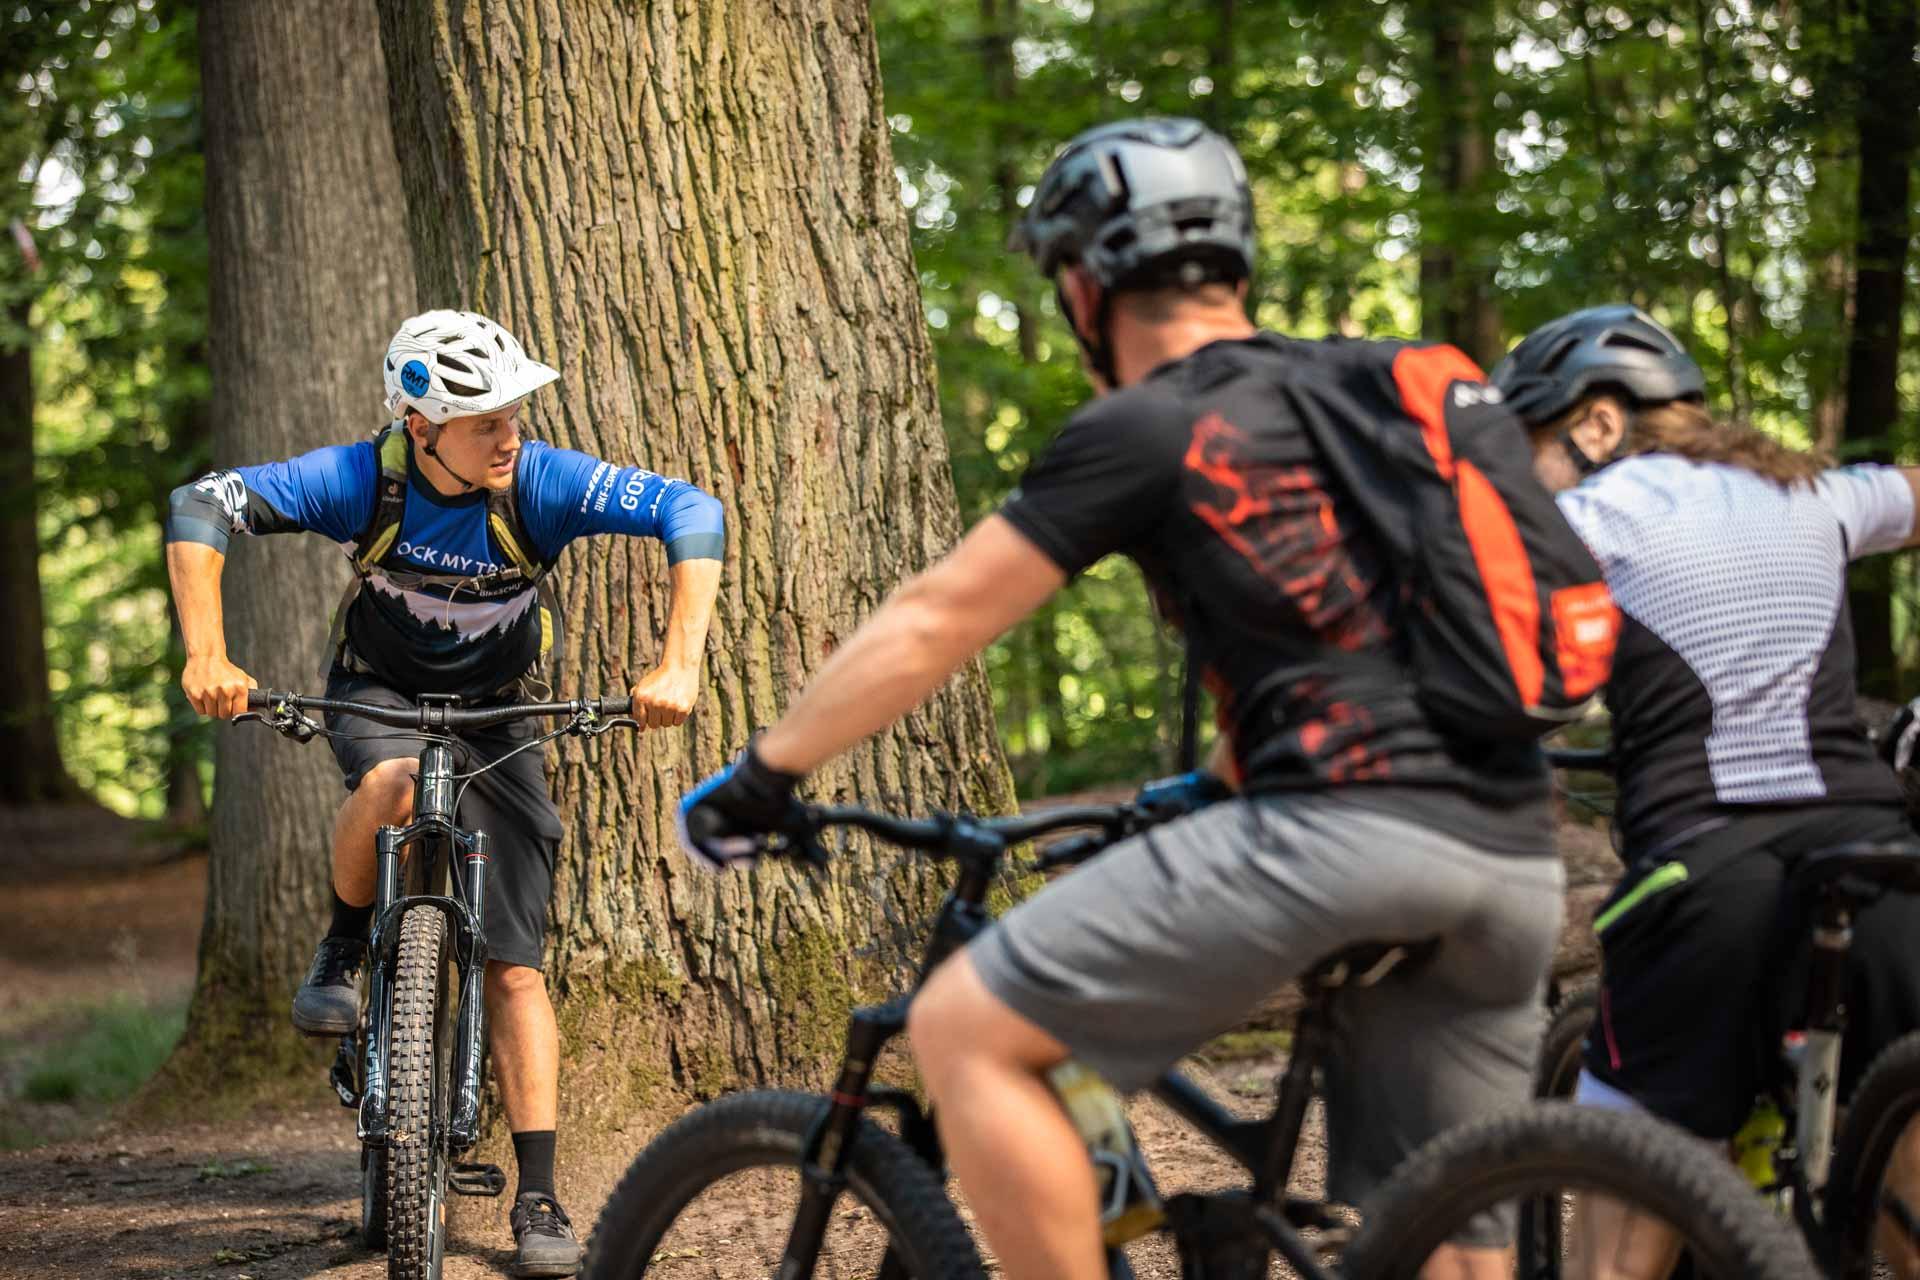 MTB Fahrtechnik Kurs für Einsteiger in Siegburg   Bonn - Mountainbike Basic - Rock my Trail Bikeschule - 13